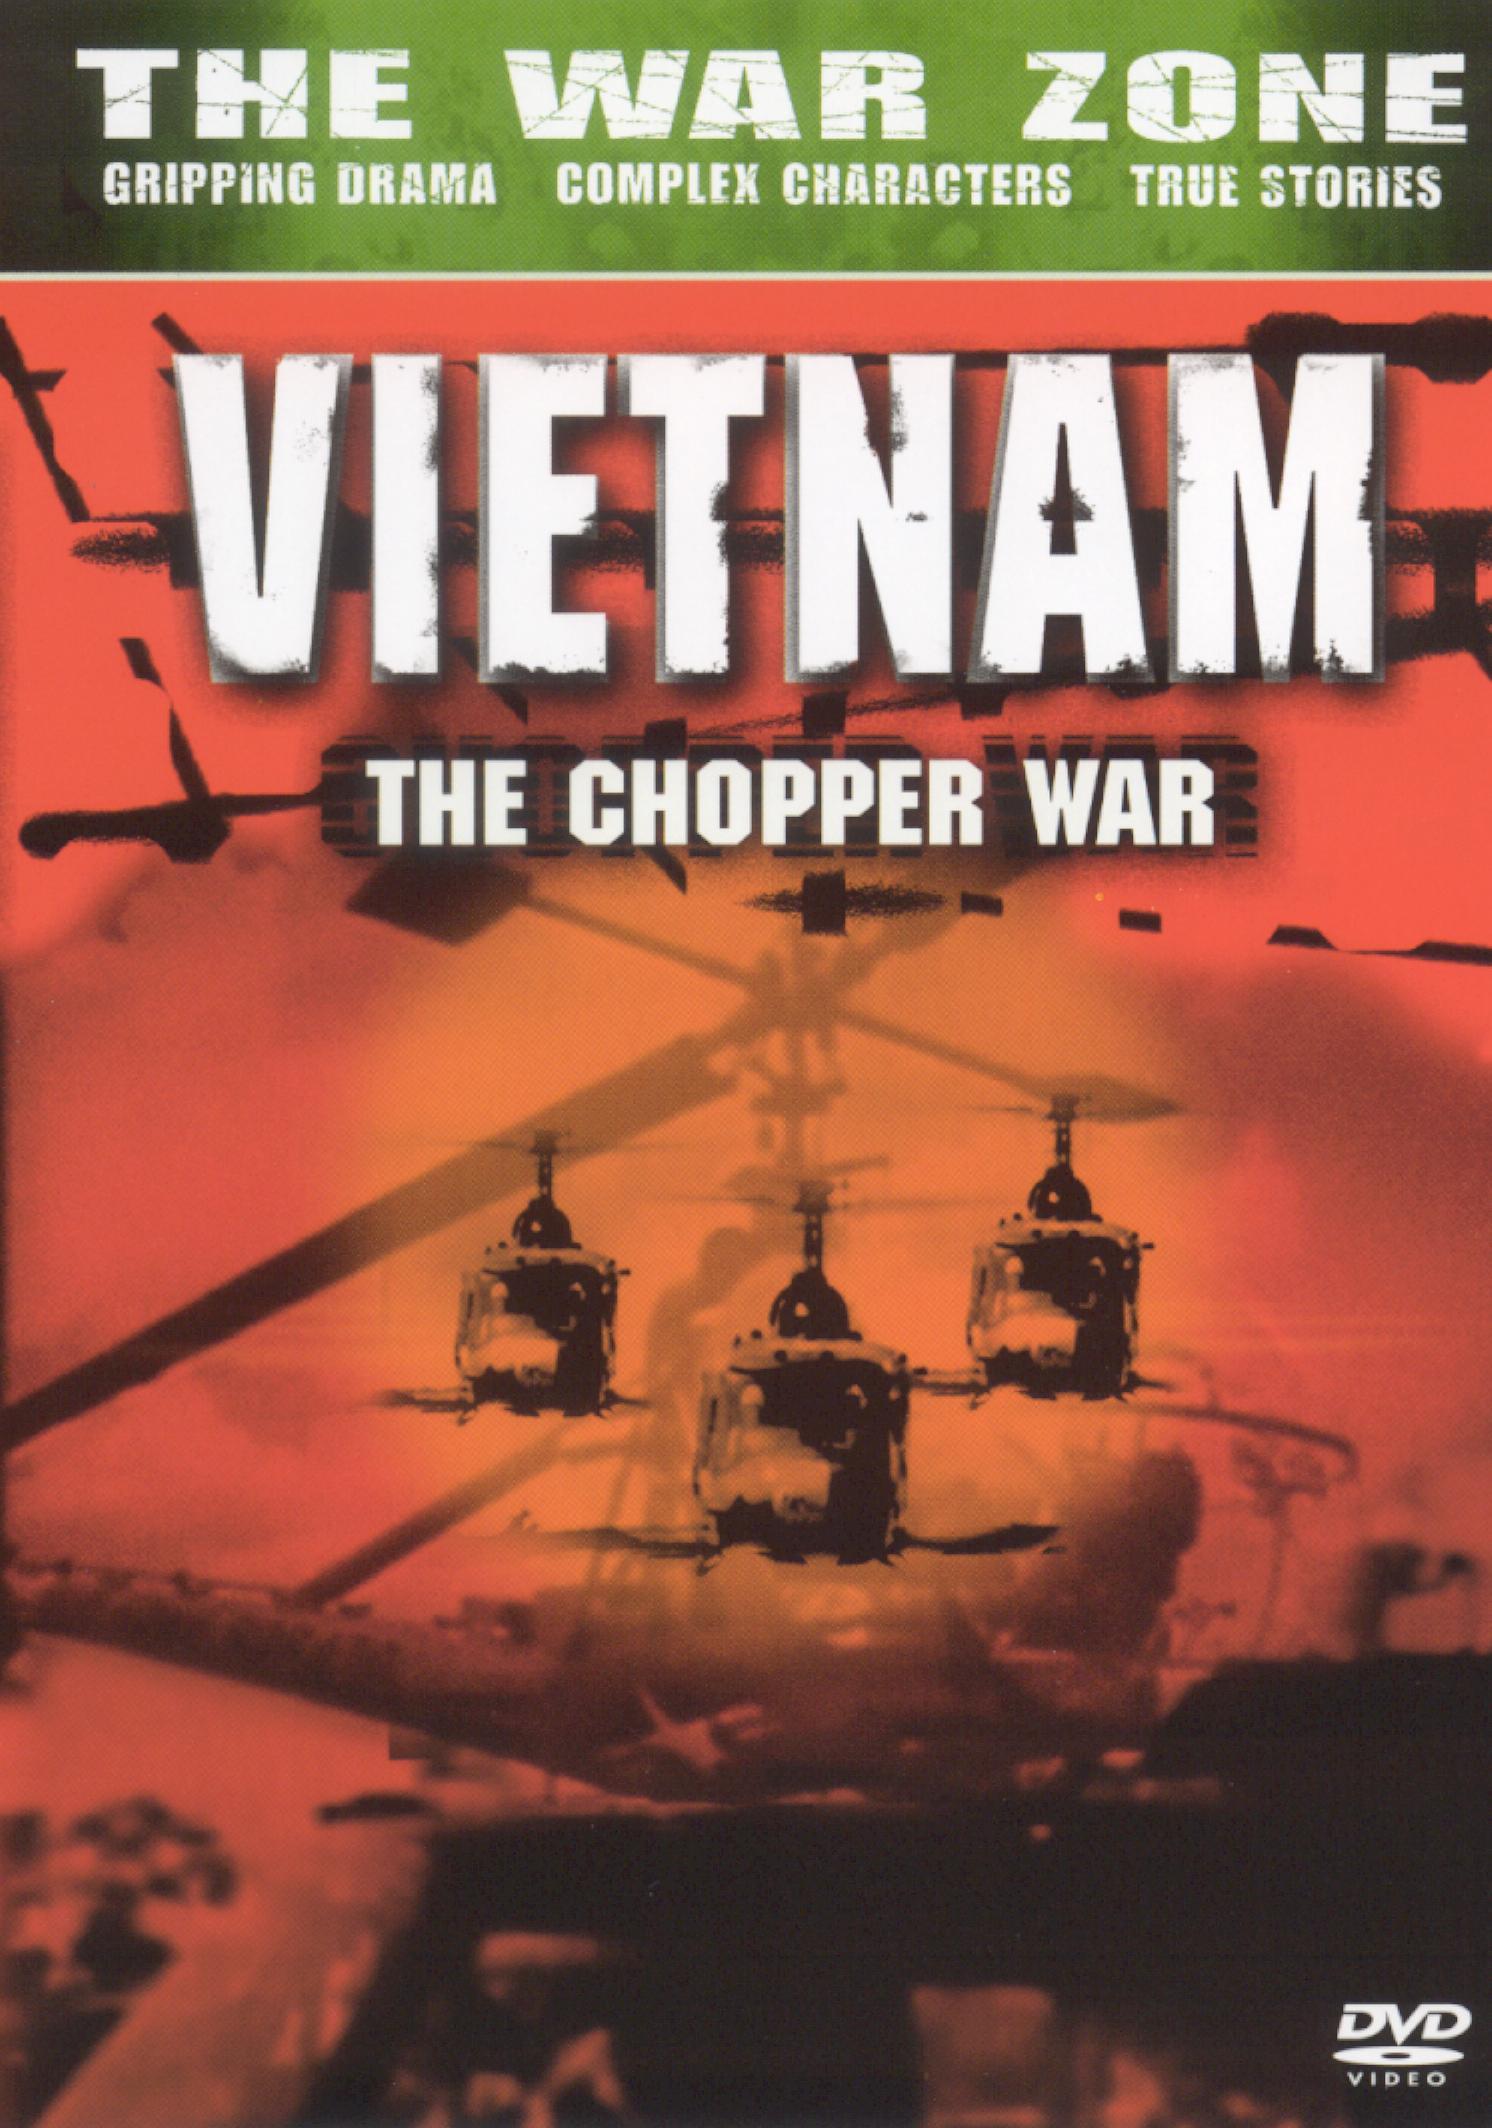 Vietnam: The Chopper War